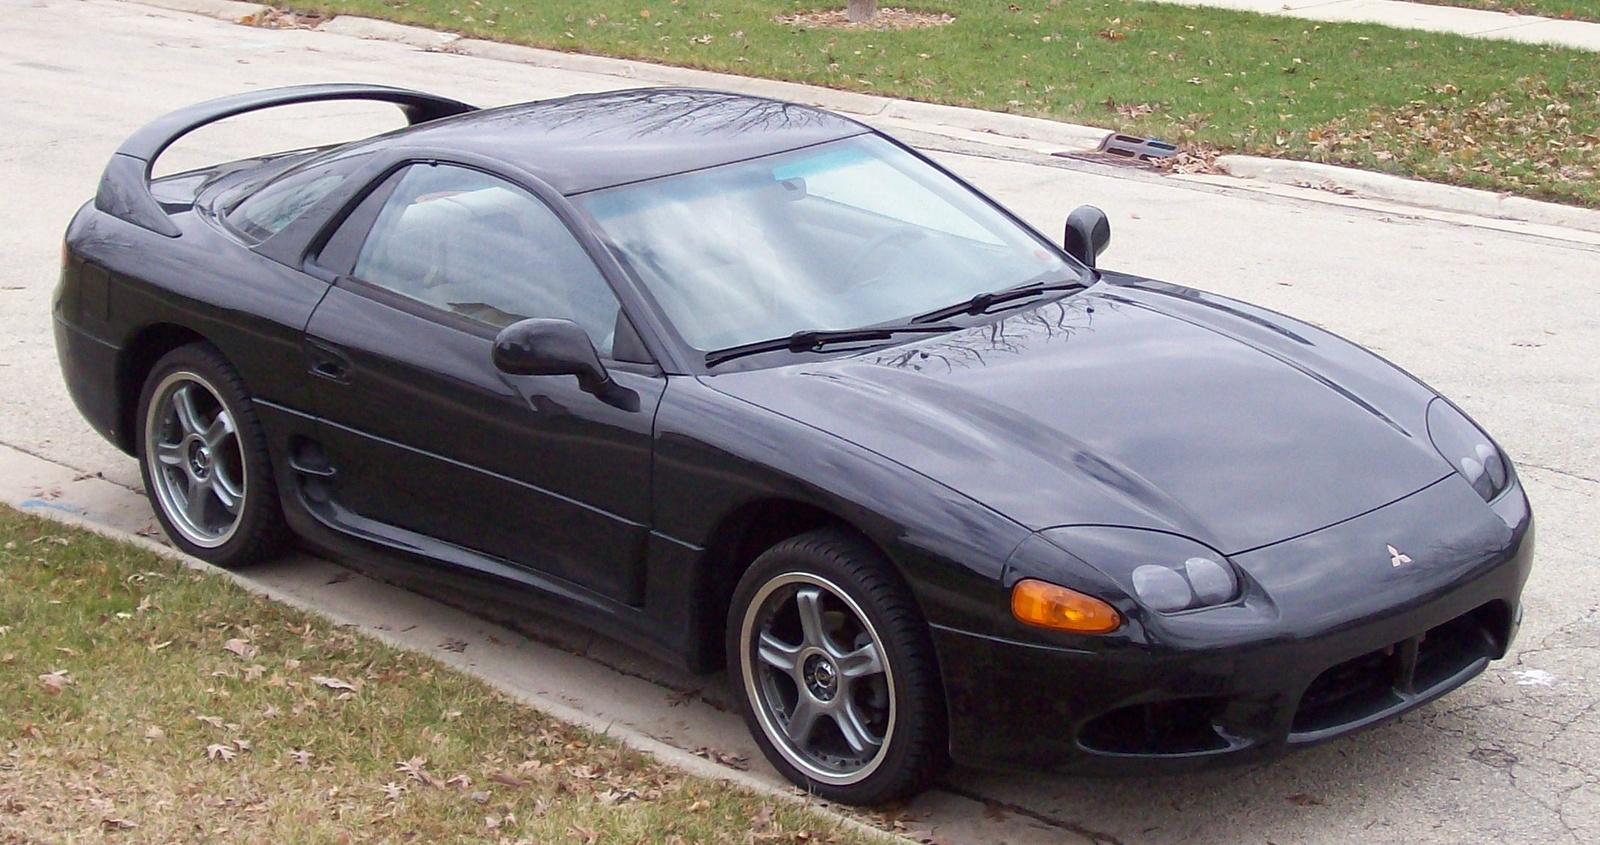 1998 Mitsubishi 3000GT #3 Mitsubishi 3000GT #3